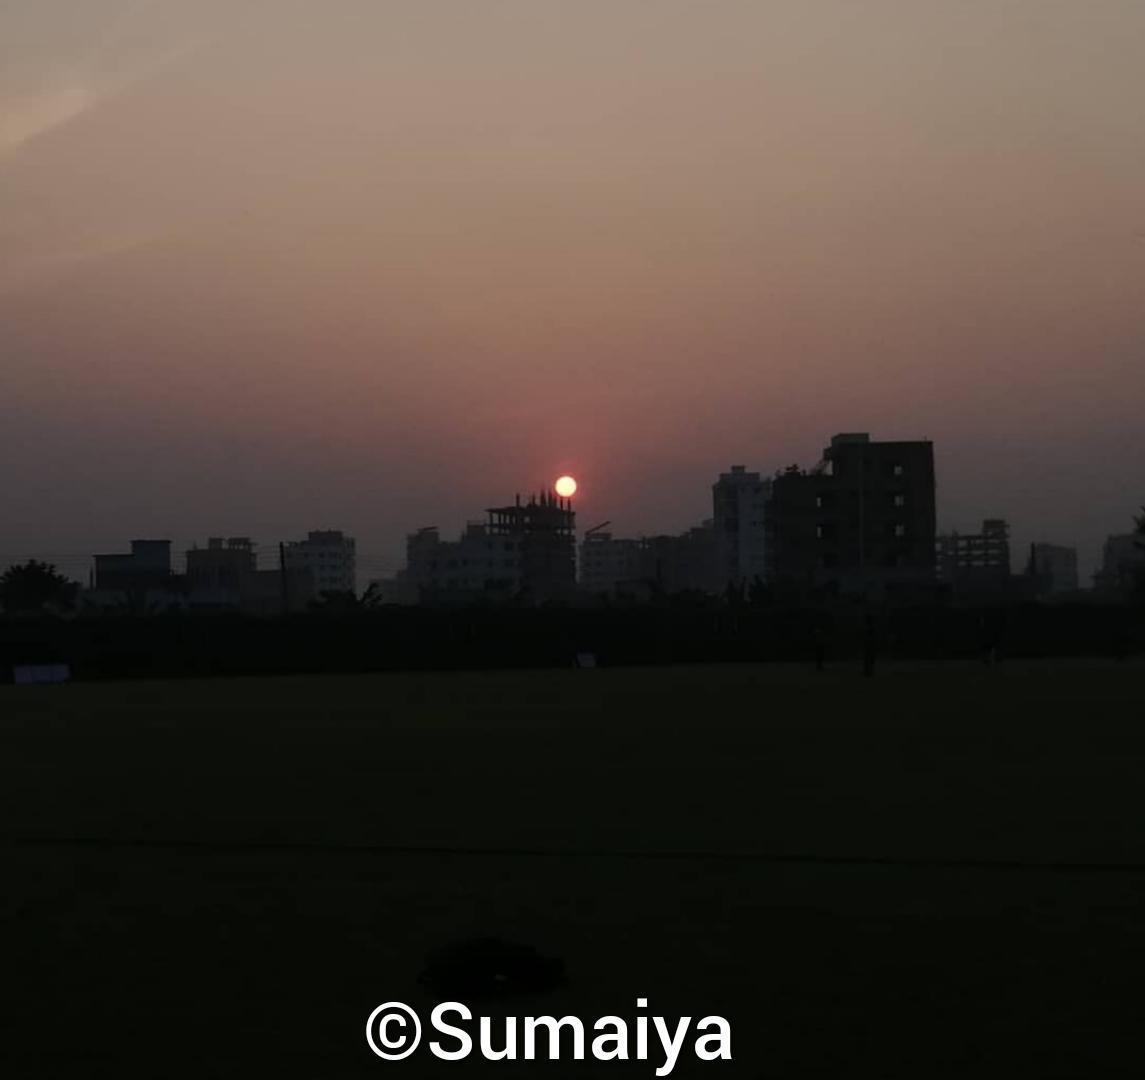 ইউল্যাব পারমানেন্ট ক্যাম্পাস, মোহাম্মদপুর, ঢাকা